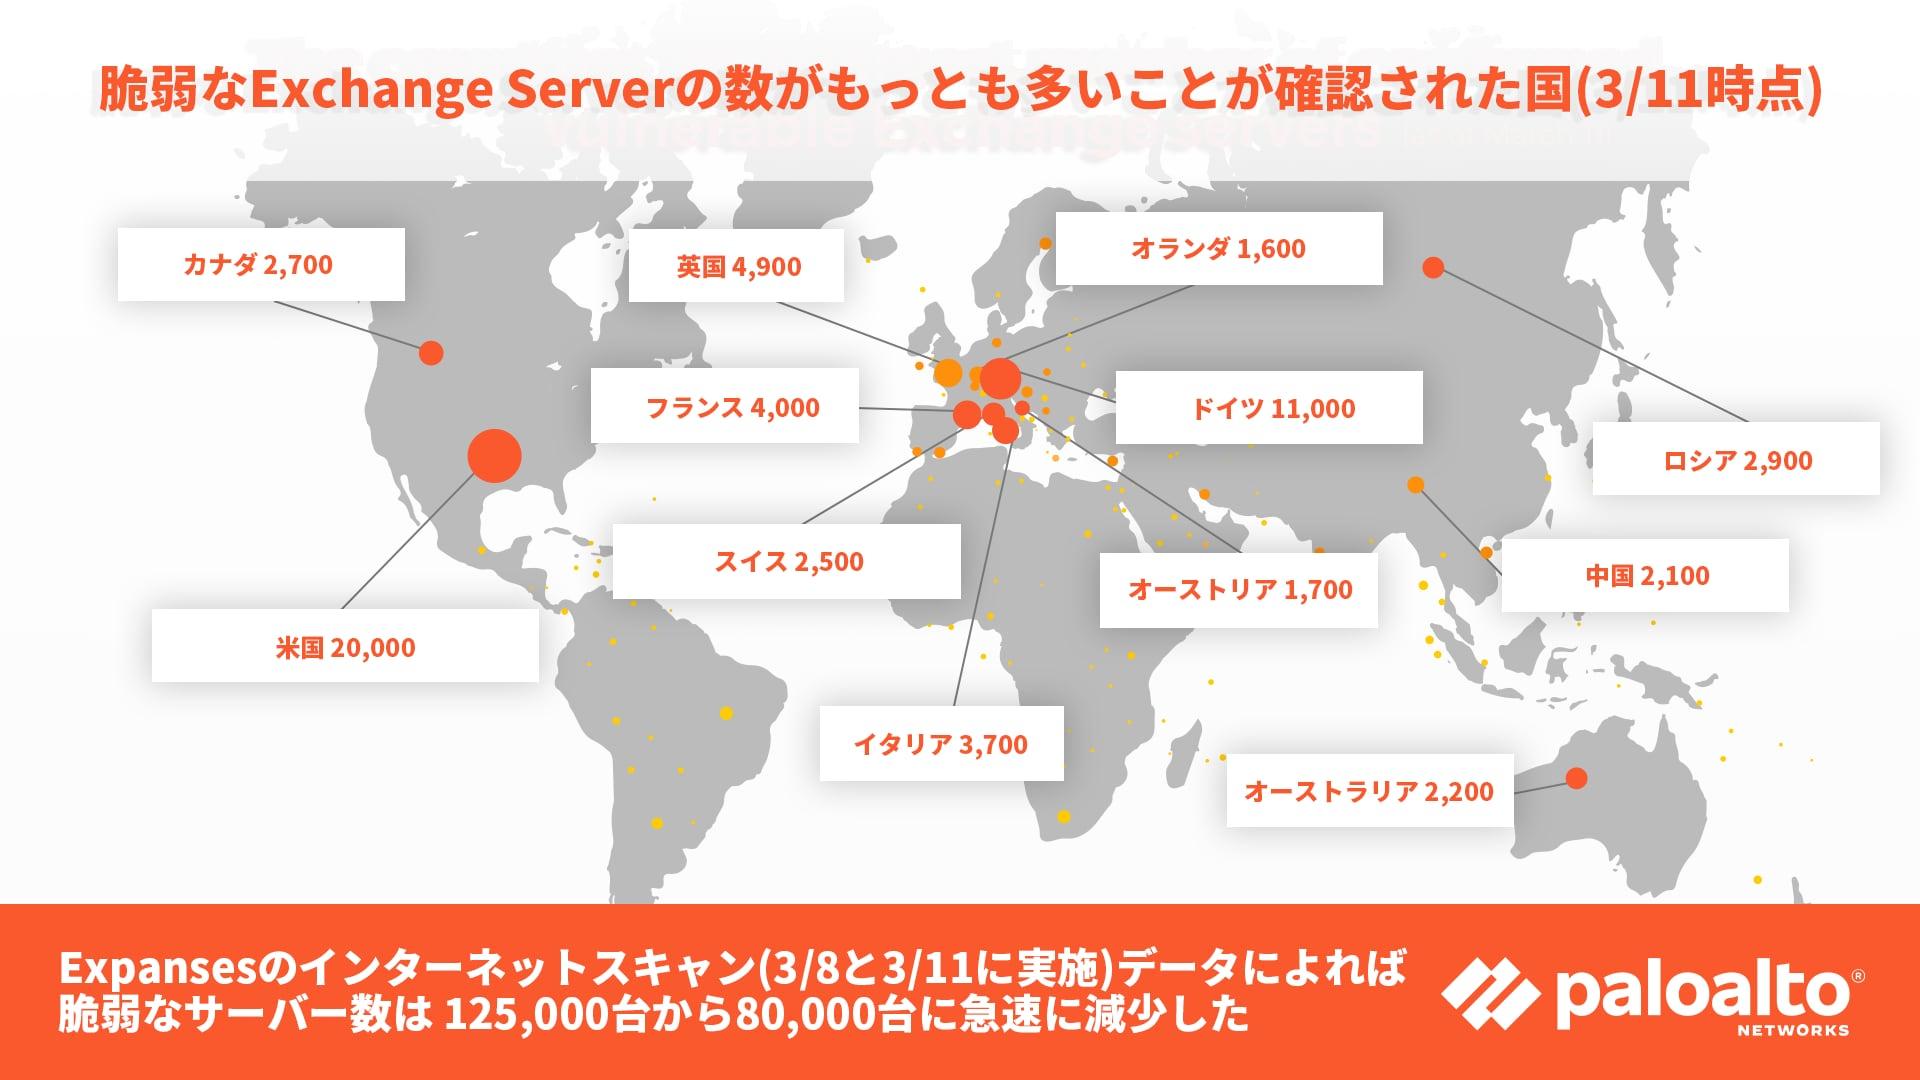 攻撃対象領域管理プラットフォームであるExpanseは、組織がMicrosoft Exchange Serverにどのぐらいすばやく修正プログラムを適用したかを確認できるデータを収集しました。修正プログラムが適用されていないサーバー数は、3月8日には125,000台だったのが、3月11日には80,000台に減少しました。このマップは、3月11日時点で、調査対象国で修正の済んでいないサーバー数がどのぐらいあったのかを青いドットで示しています。修正プログラムが適用されていないExchange Serverが最も多かった国は、20,000台の米国でした。ドイツは11,000台、英国は4,900台、フランスは4,000台、イタリアは3,700台、ロシアは2,900台、カナダは2,700台、スイスは2,500台、オーストラリアは2,200台、中国は2,100台、オーストリアは1,700台、オランダは1,600台となっています。